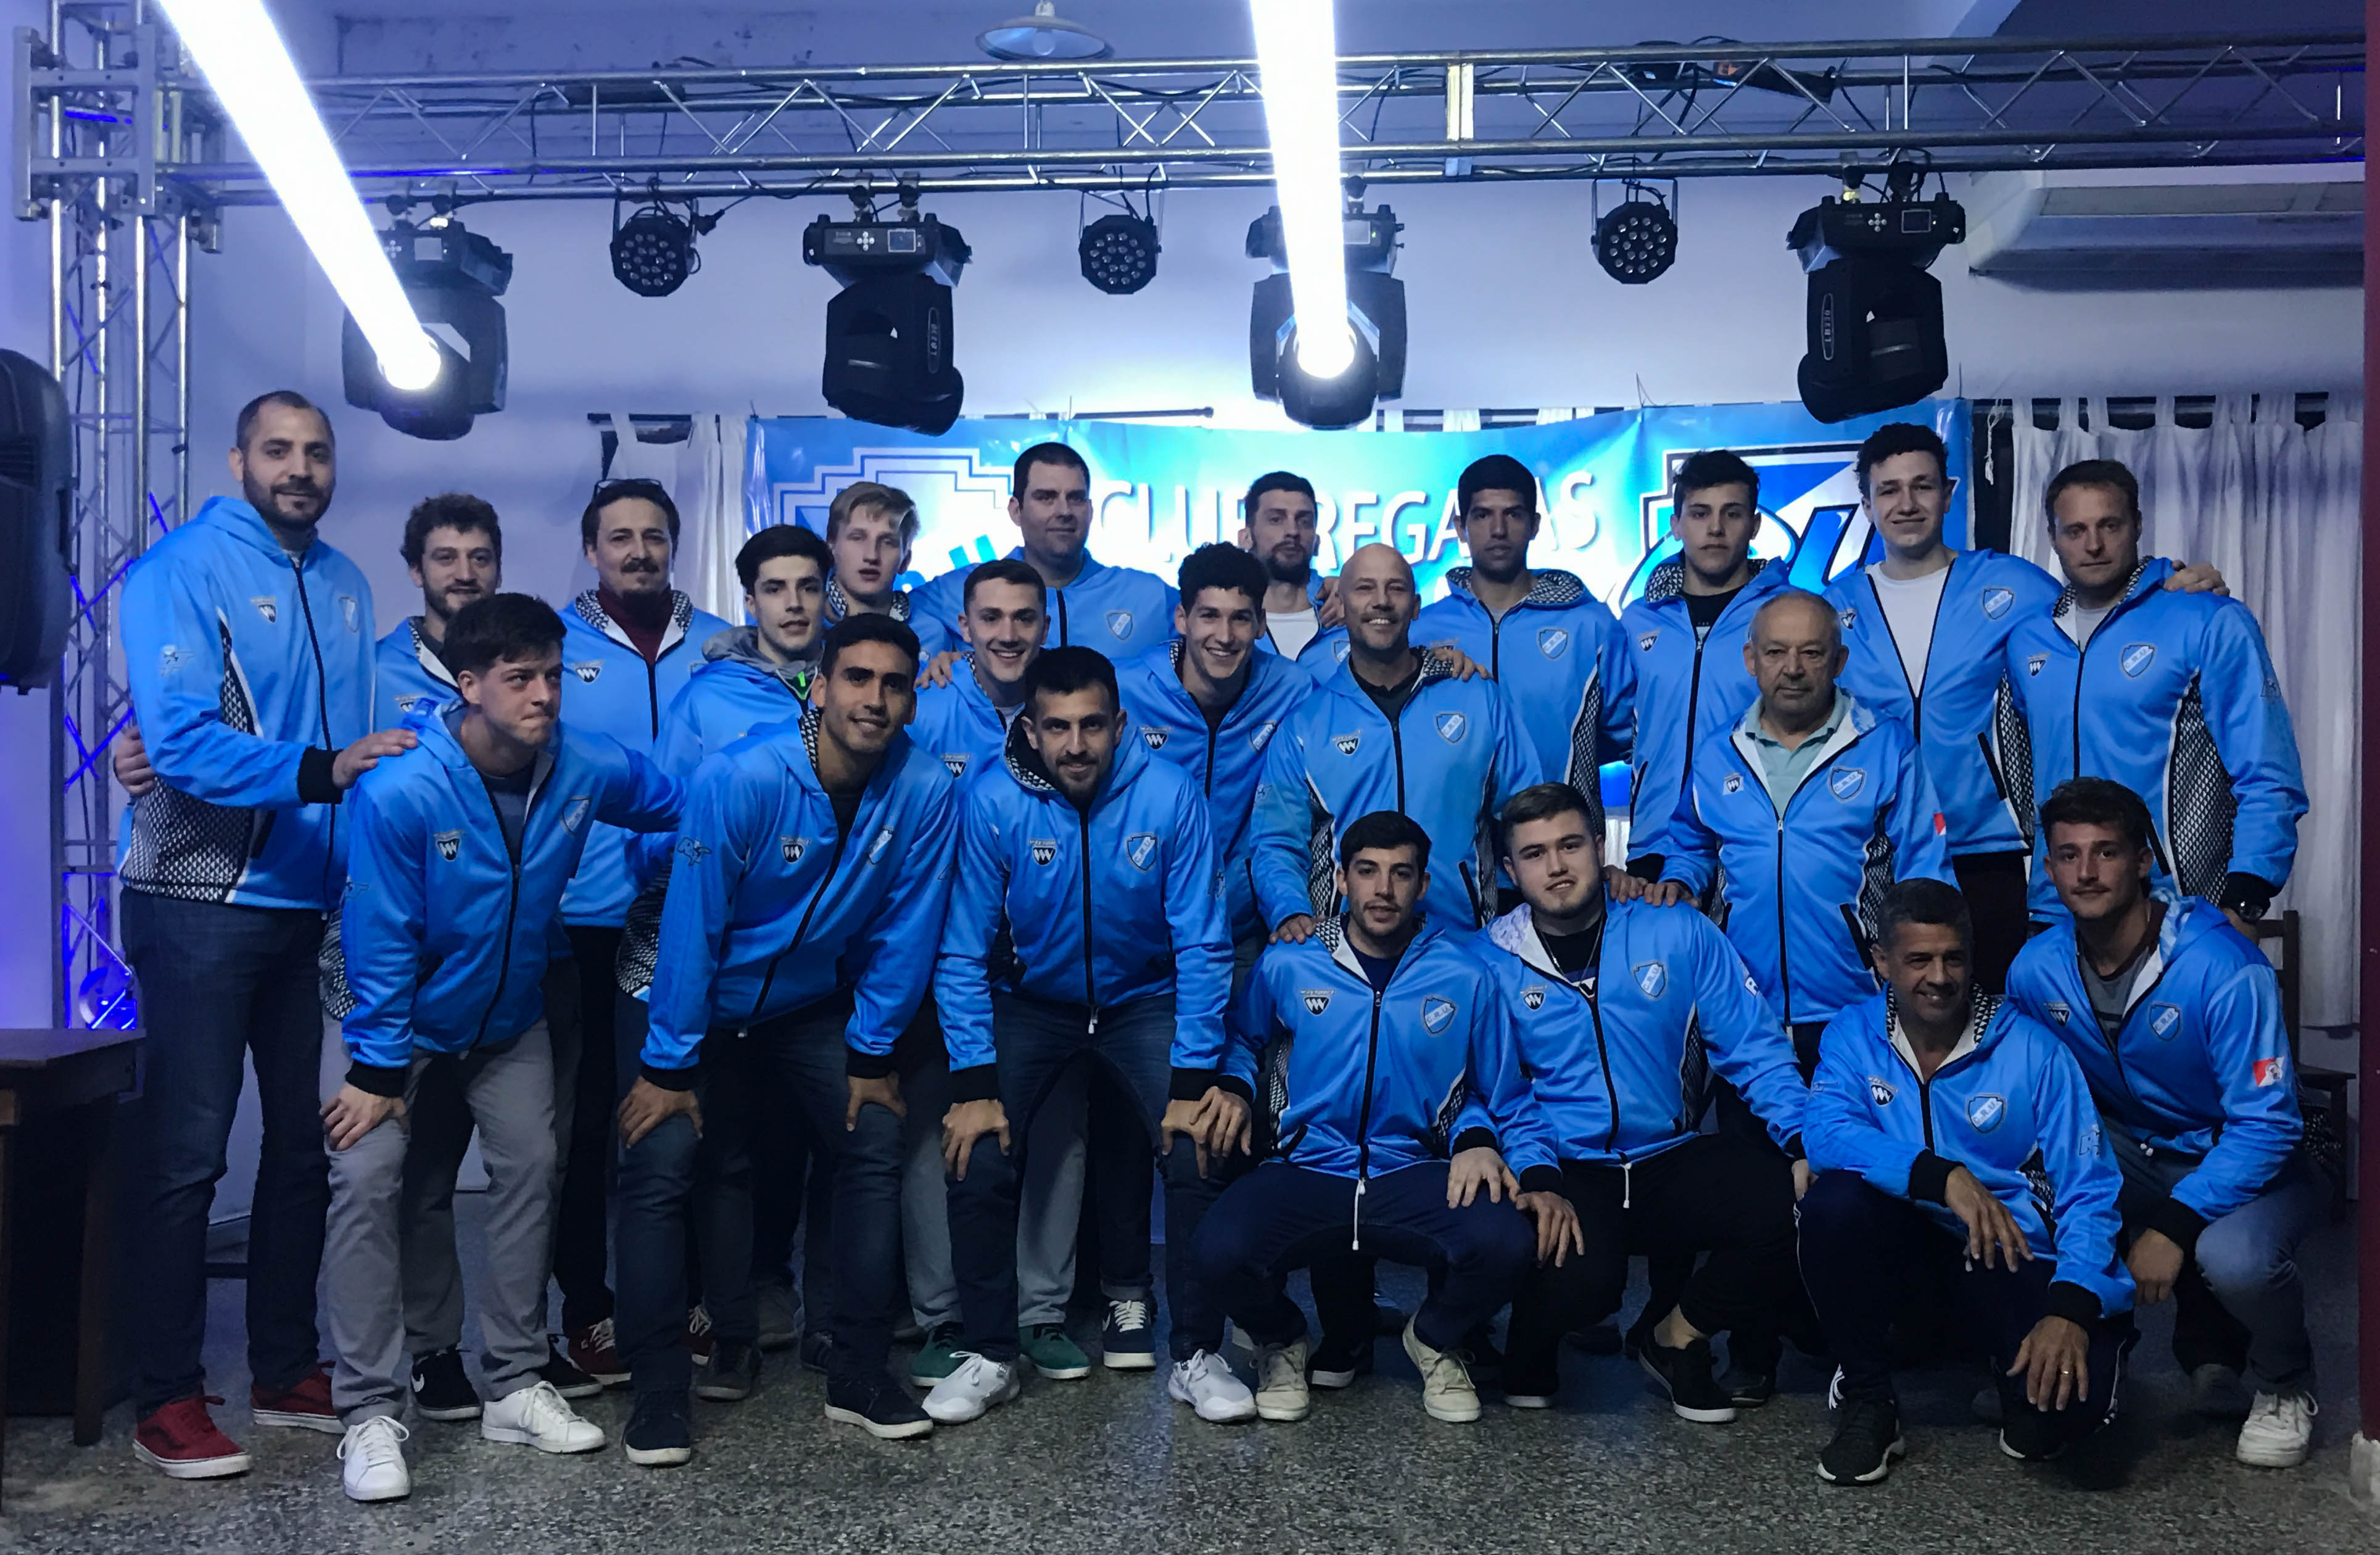 Regatas Uruguay presentó su equipo